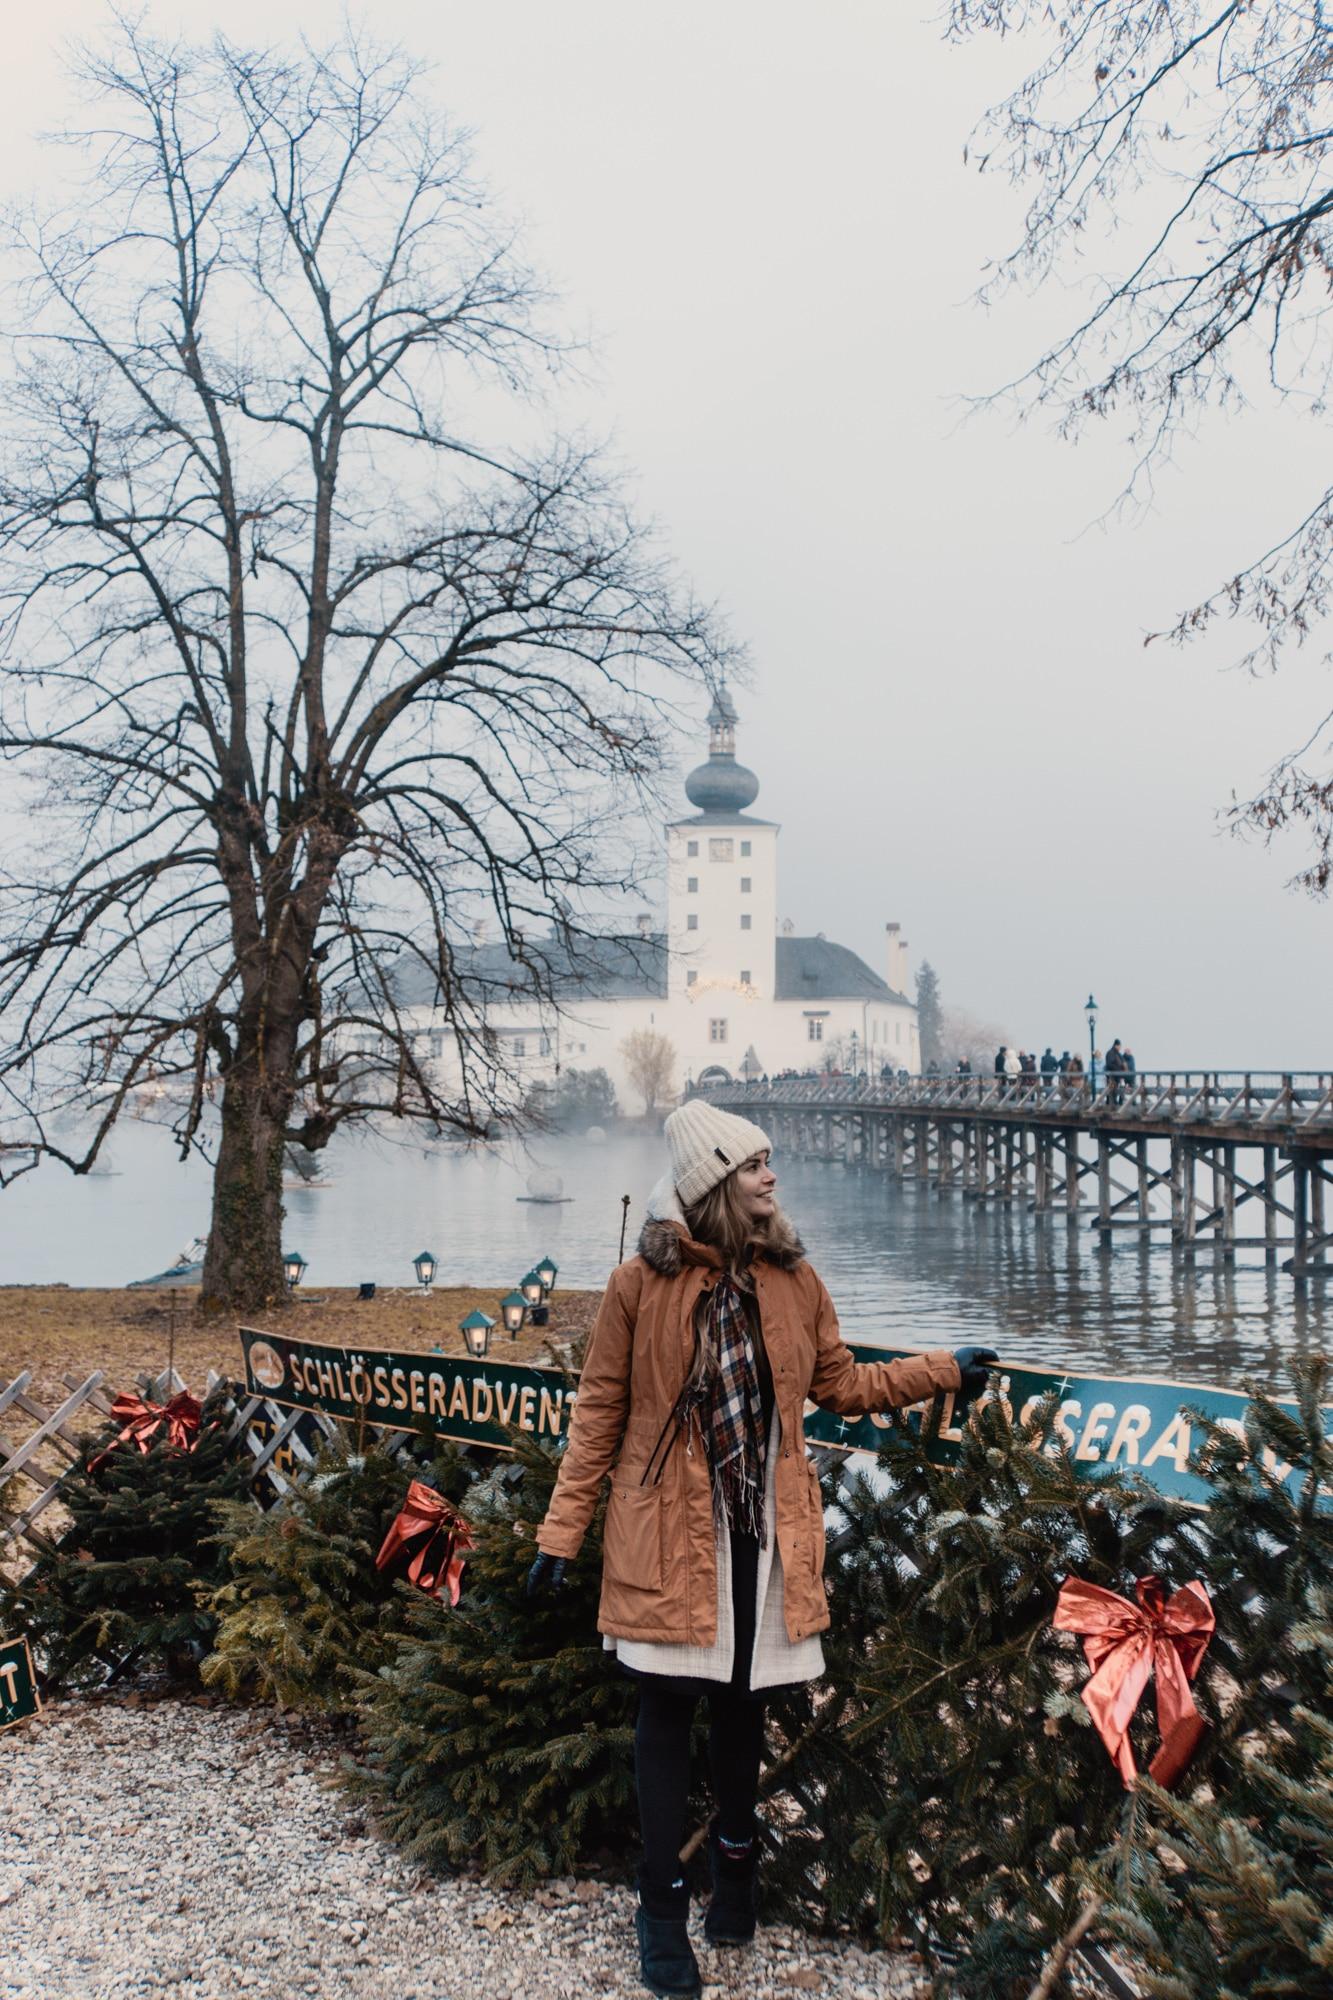 Advent im Salzkammergut: Die schönsten Weihnachtsmärkte der Region - Schlösseradvent Traunsee-Almtal